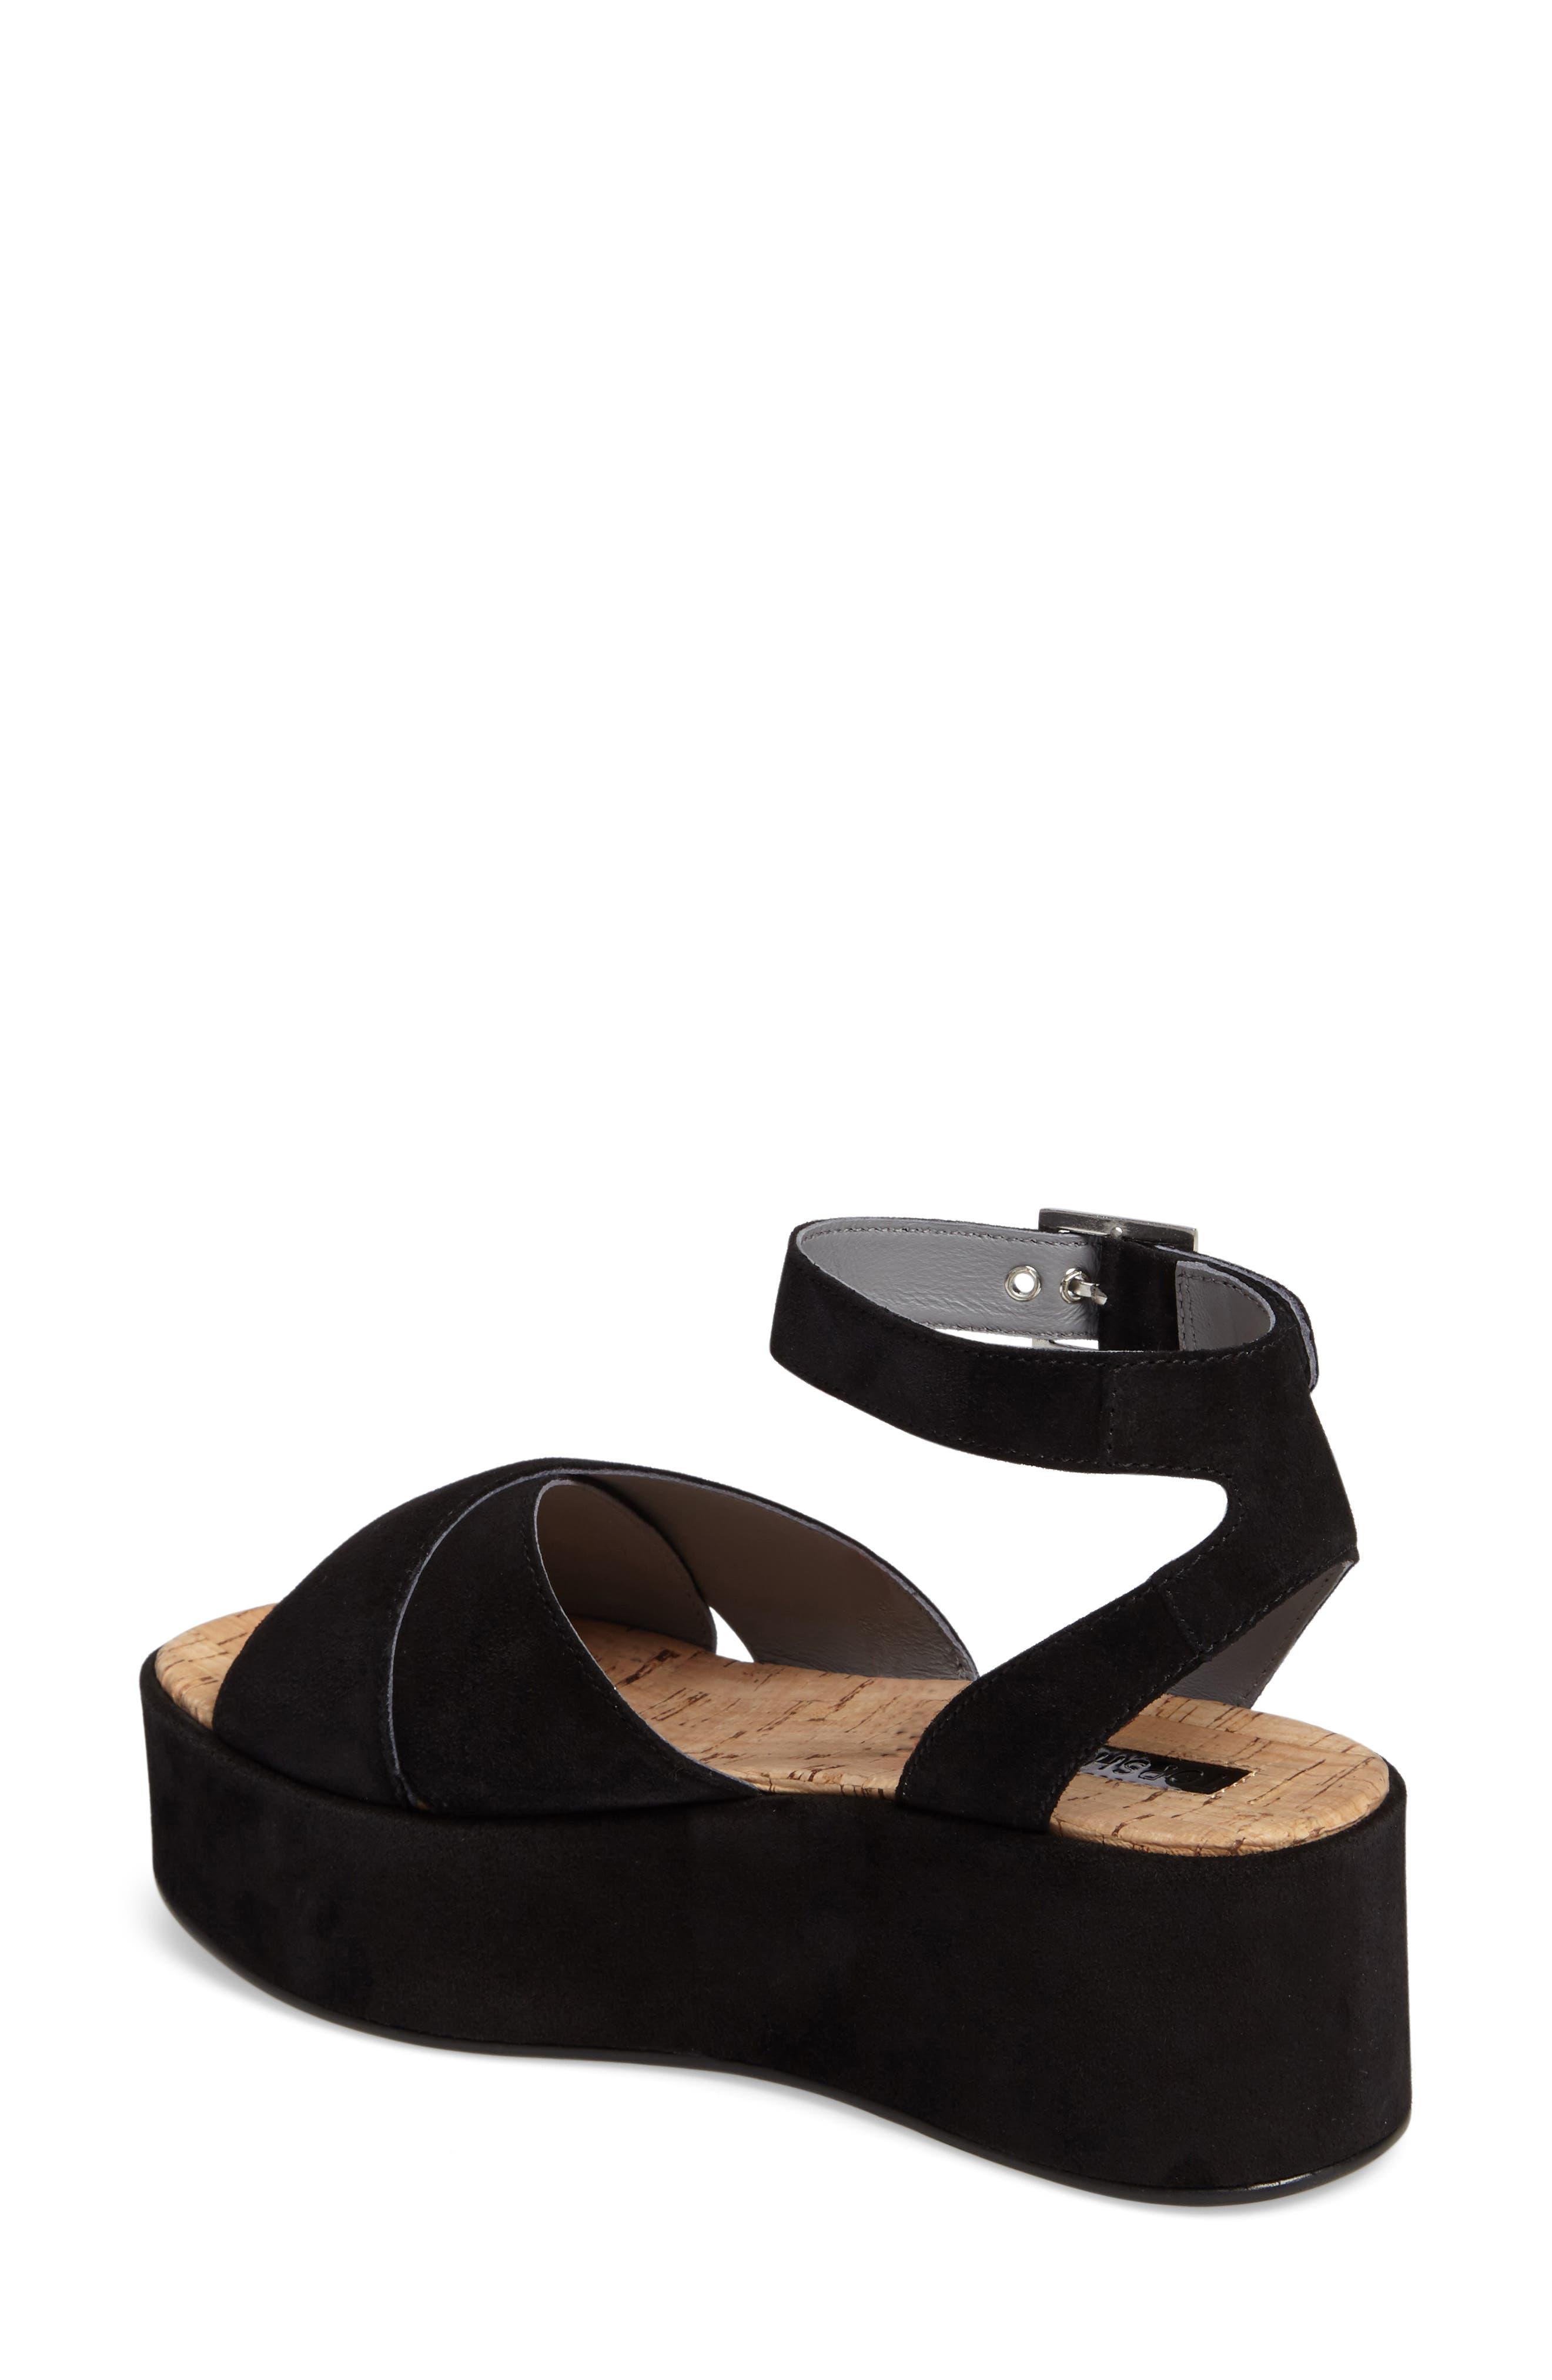 Whisper Platform Sandal,                             Alternate thumbnail 2, color,                             001